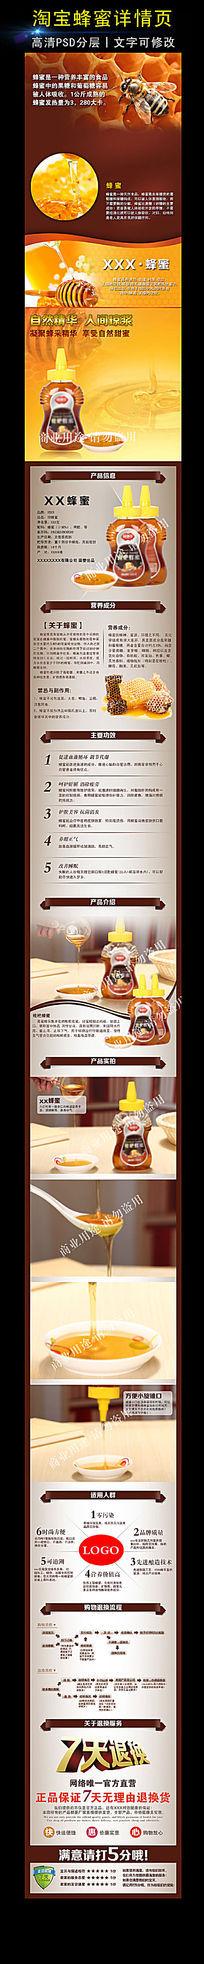 淘宝蜂蜜详情页